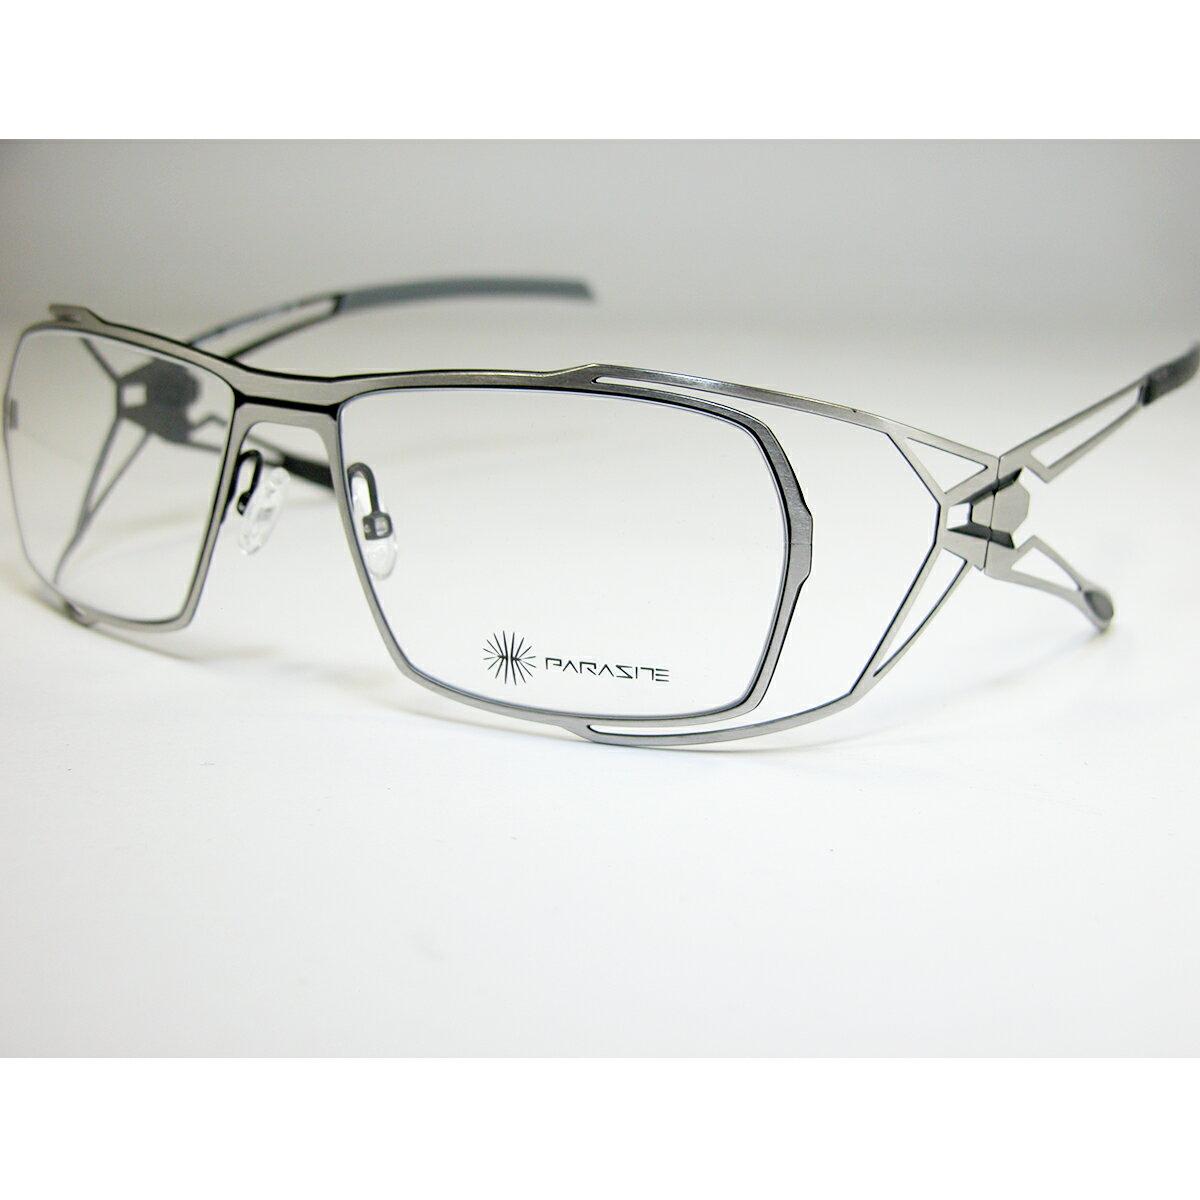 PARASITE (パラサイト)サングラス Element9 カラー58【楽ギフ_包装】 メンズ メガネ サングラス